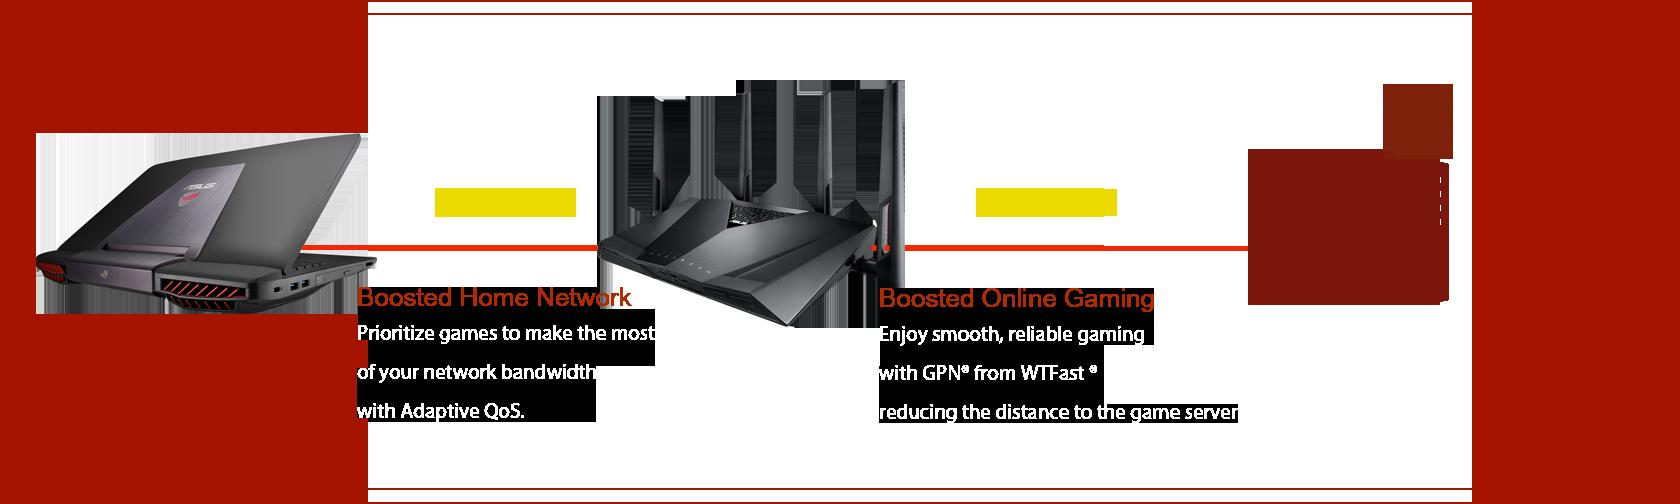 נתב לגיימינג RT-AC3100 מאיץ את הרשת הביתית והגיימינג באינטרנט